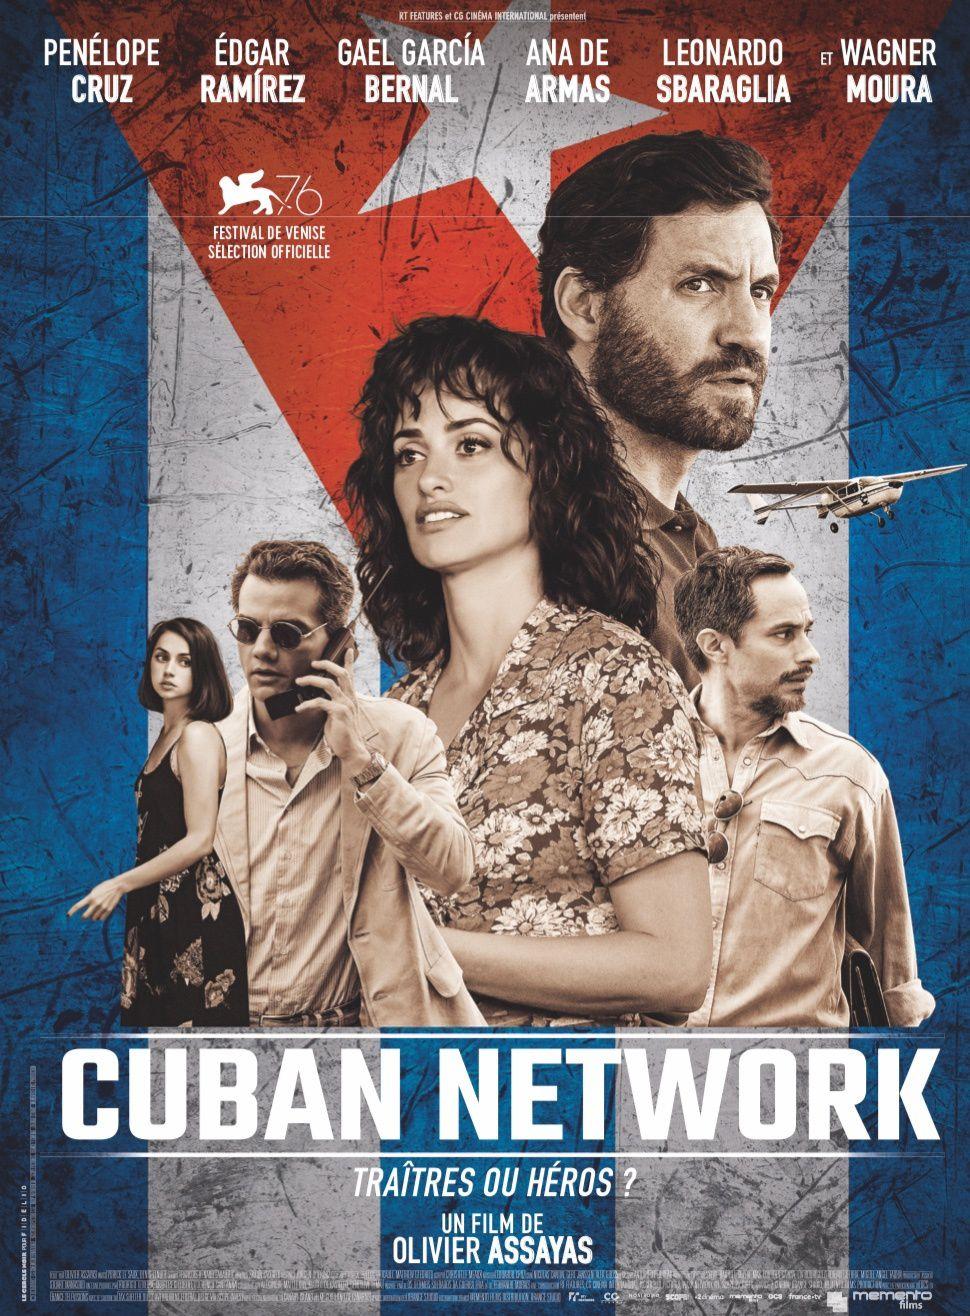 Bande-annonce de Cuban Network, film d'Olivier Assayas, avec Penelope Cruz.